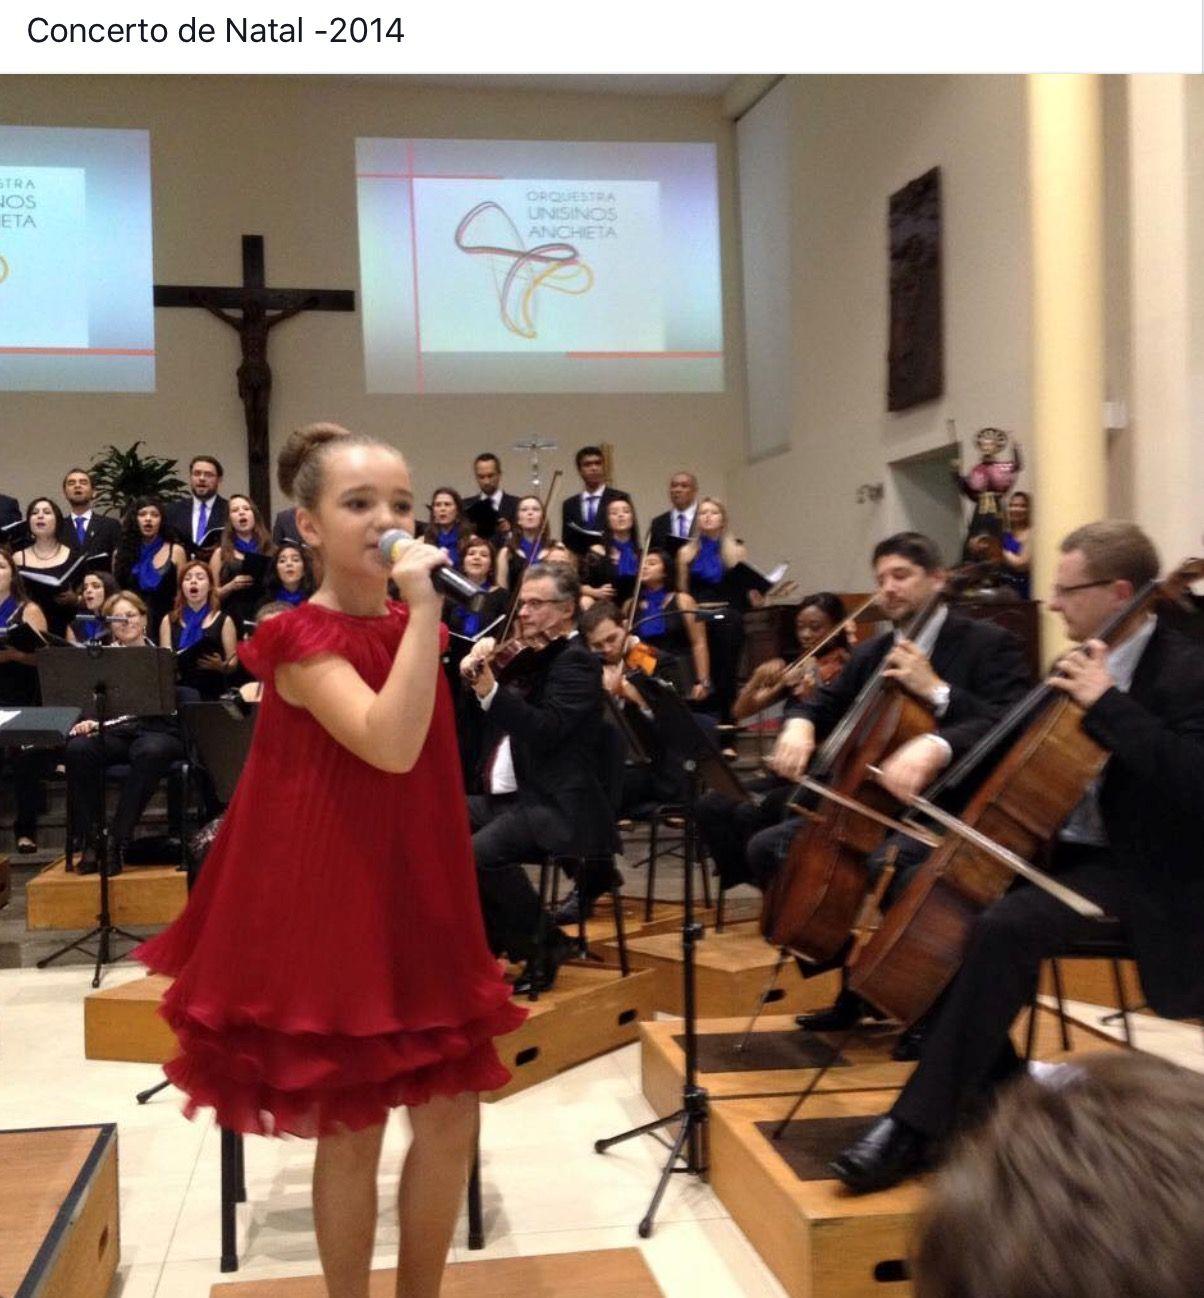 Concerto de Natal 2014